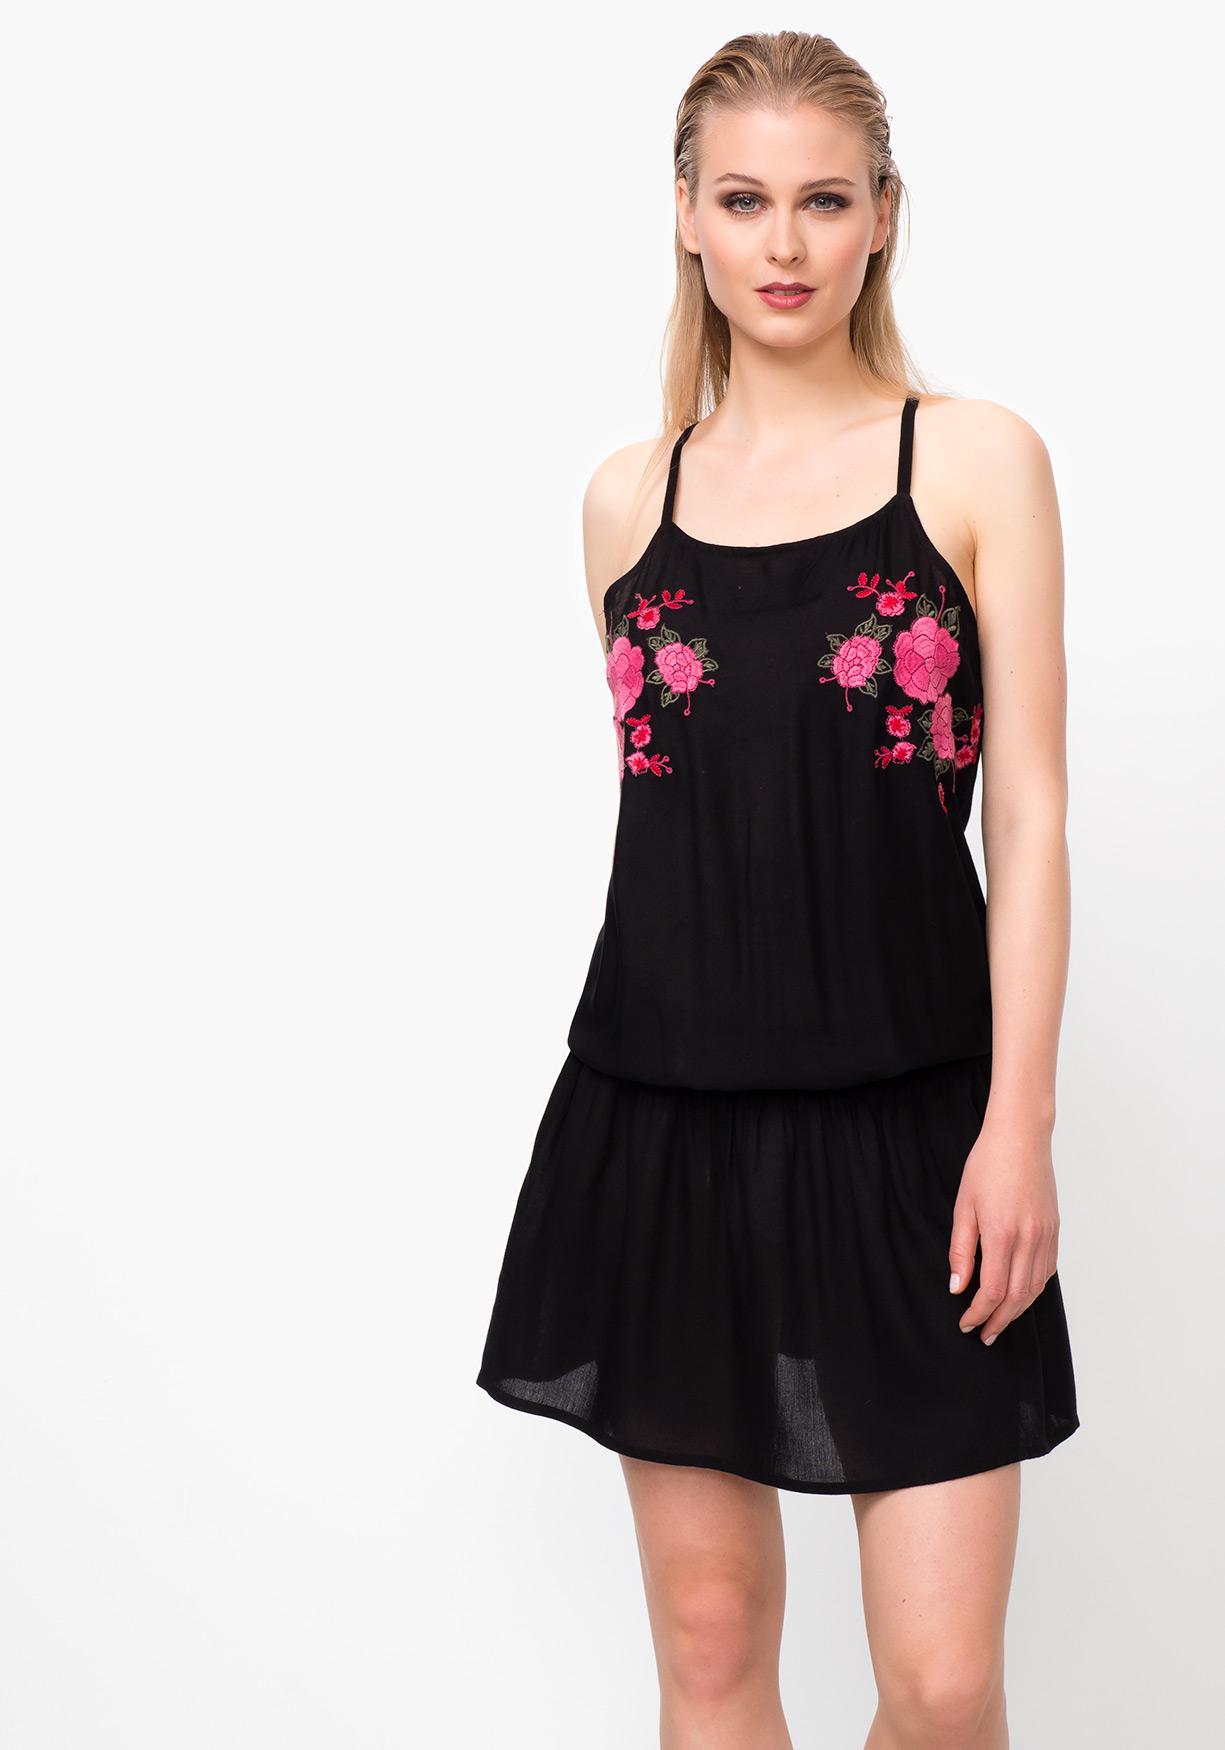 700bd6d55 Comprar Vestido de mujer de playa bordado TEX. ¡Aprovéchate de ...